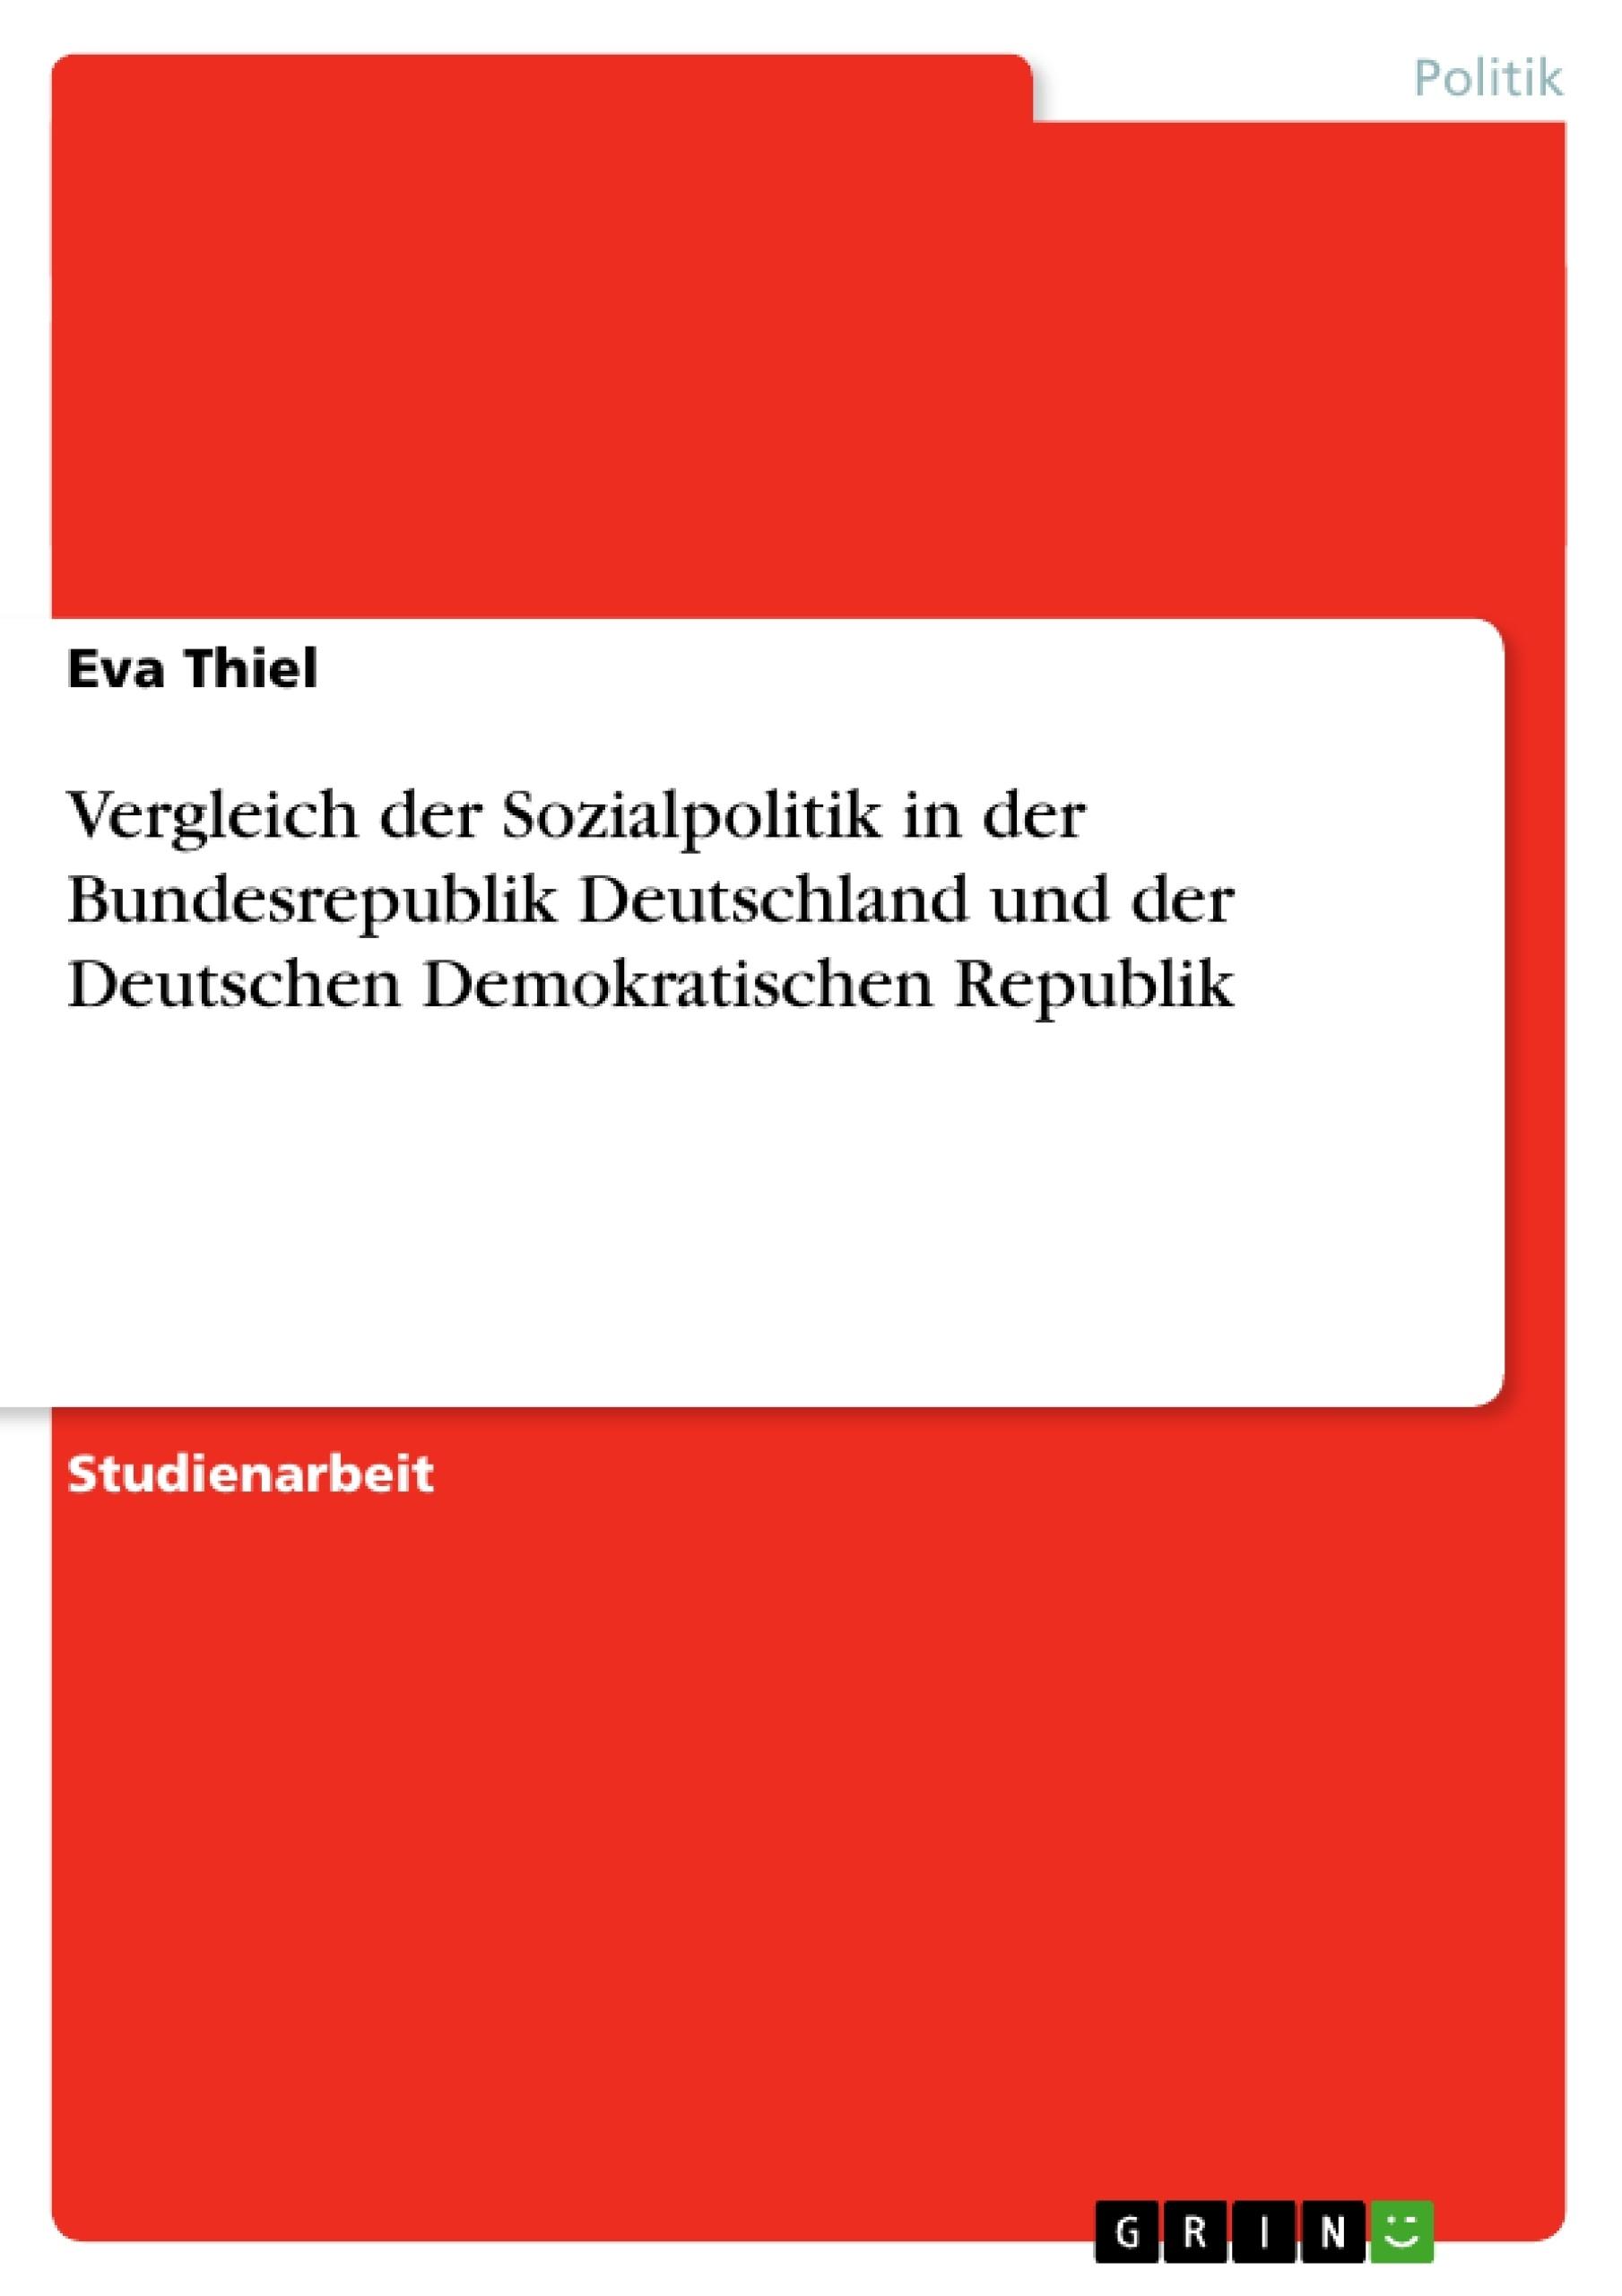 Titel: Vergleich der Sozialpolitik in der Bundesrepublik Deutschland und der Deutschen Demokratischen Republik